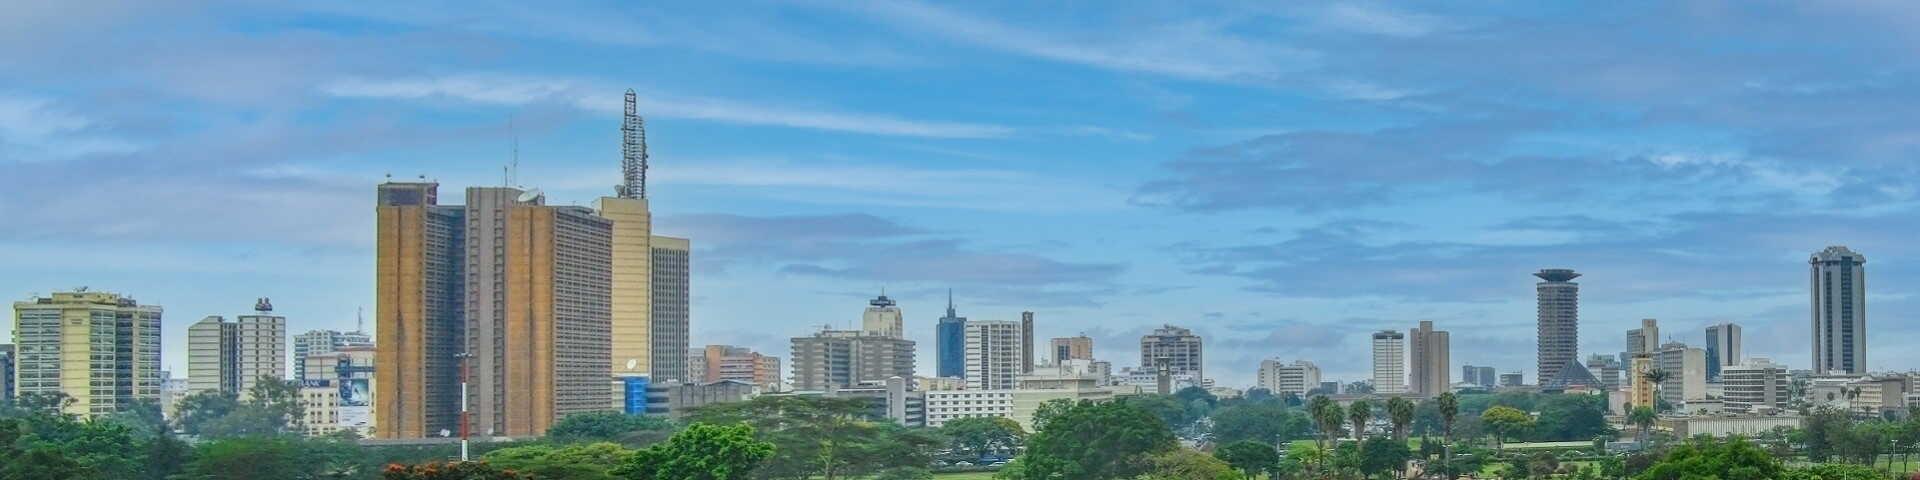 Afrique orientale